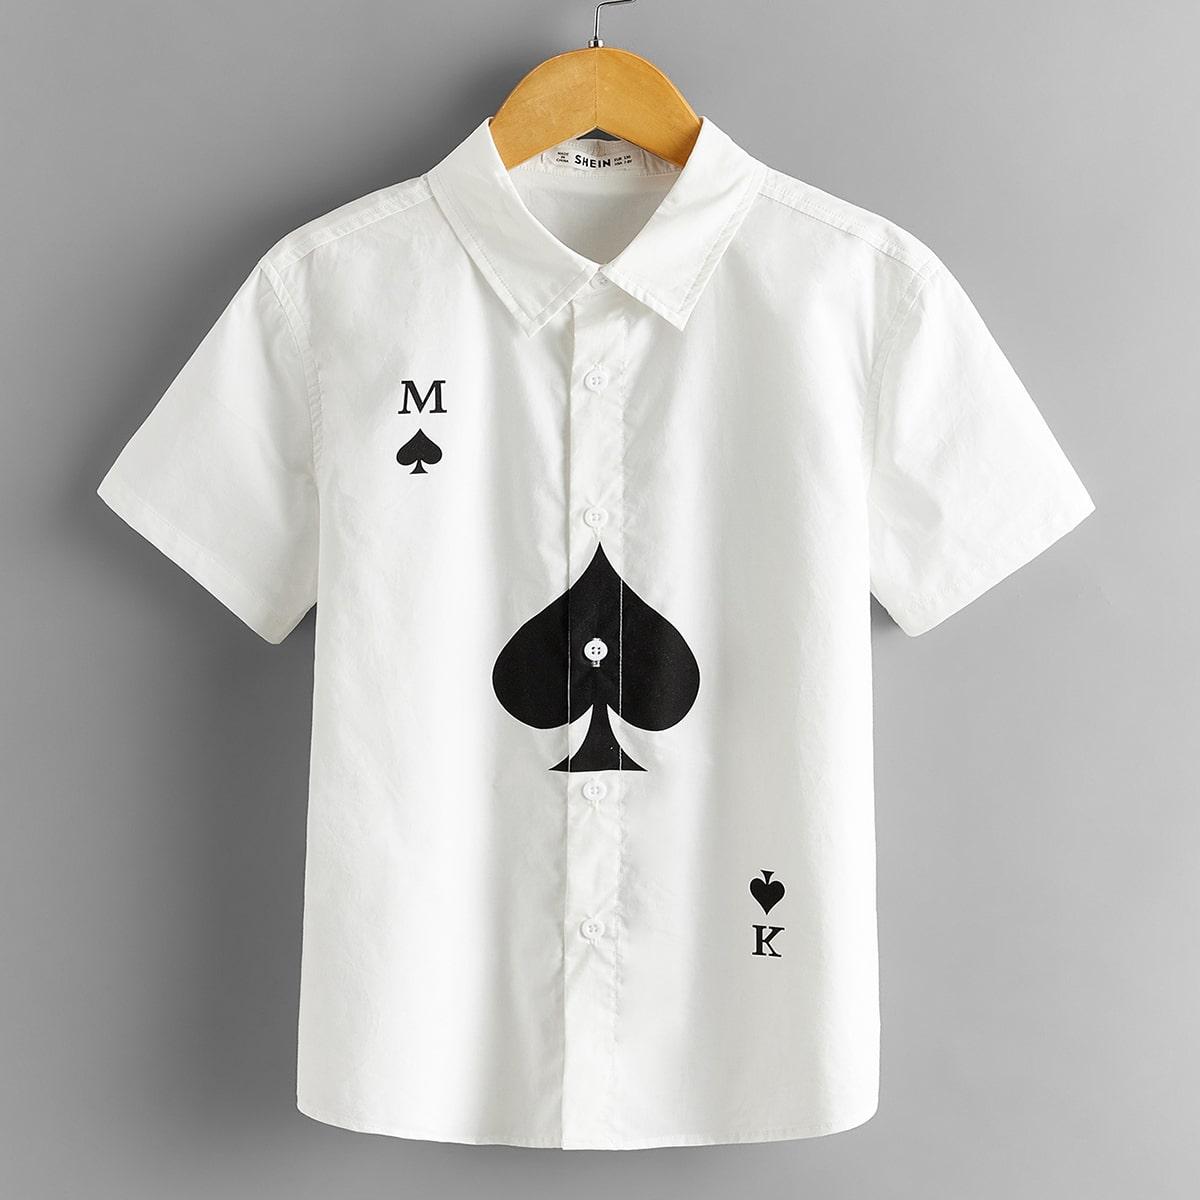 Рубашка с текстовым принтом для мальчиков от SHEIN